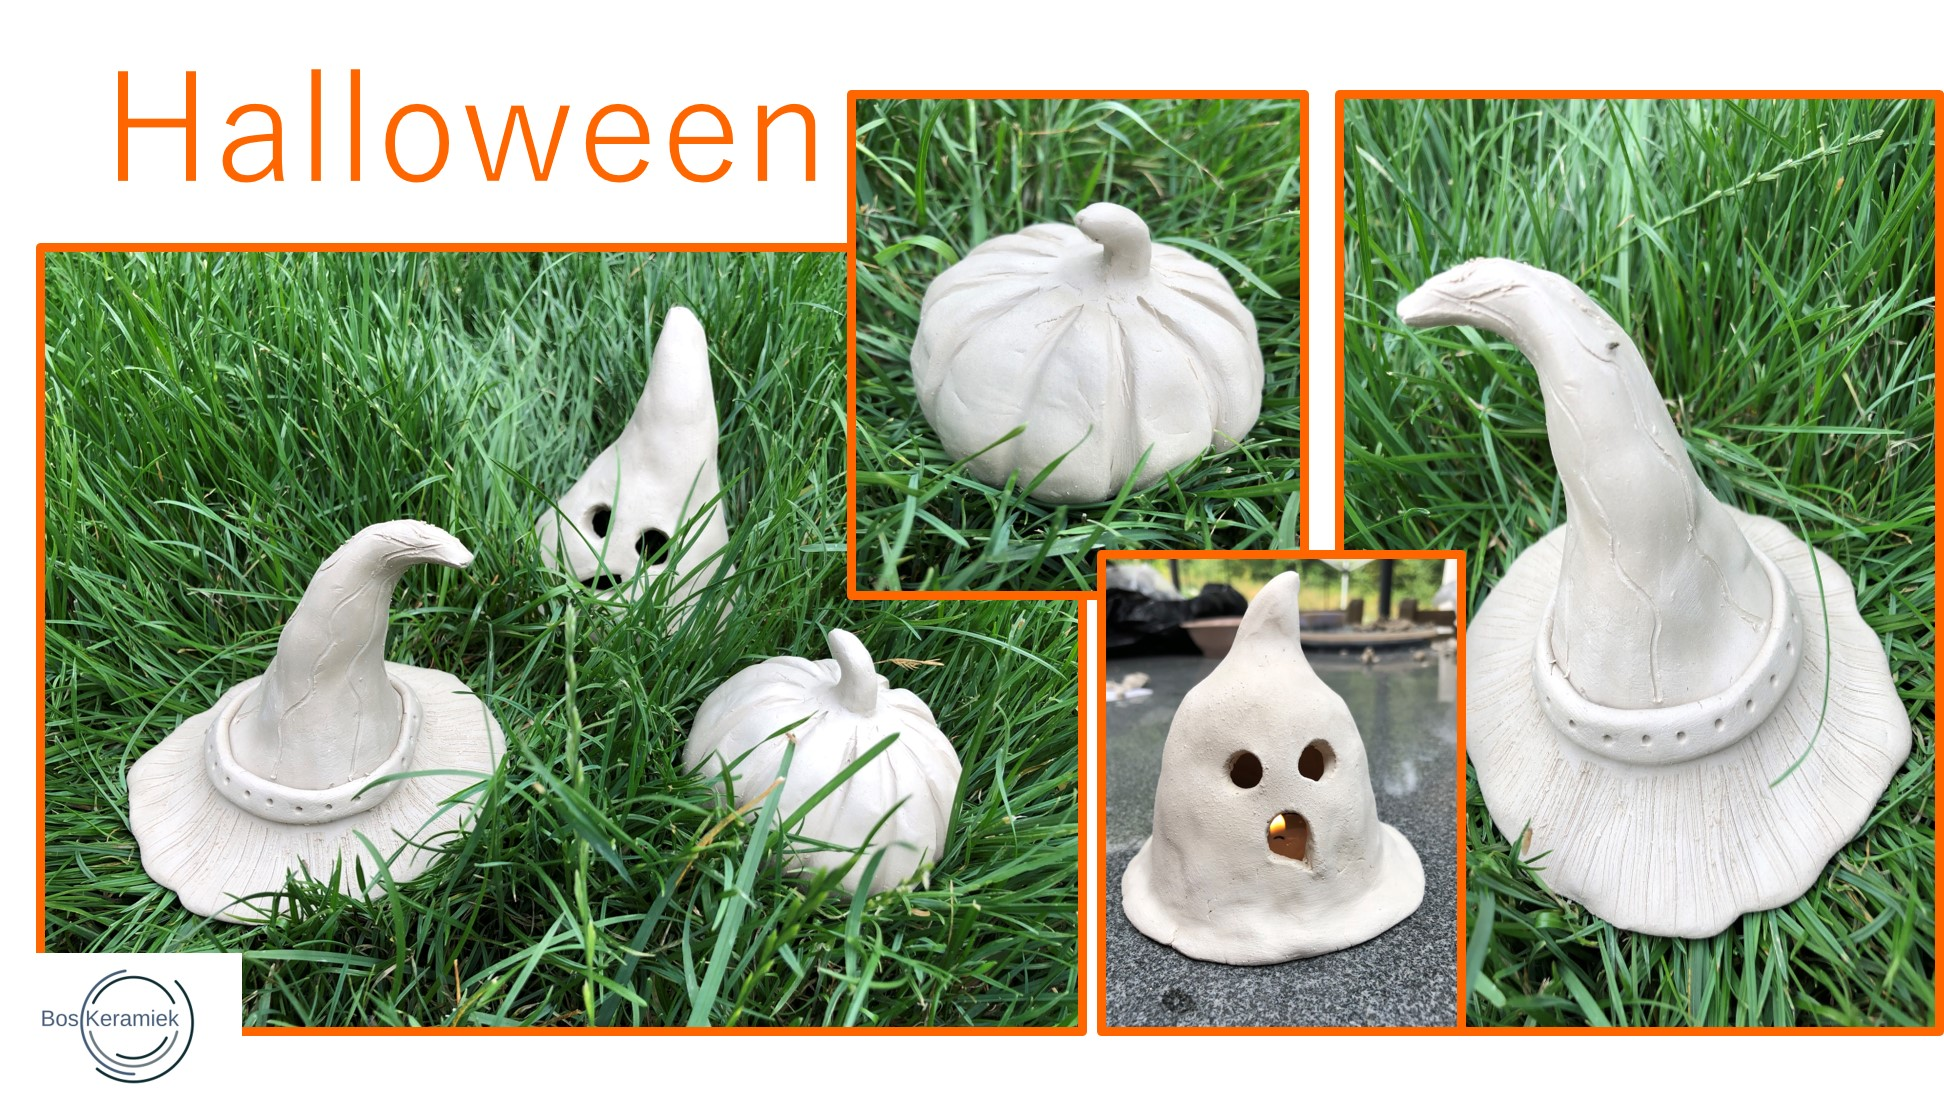 Halloween Figuurtjes Maken.Halloween Boskeramiek Be